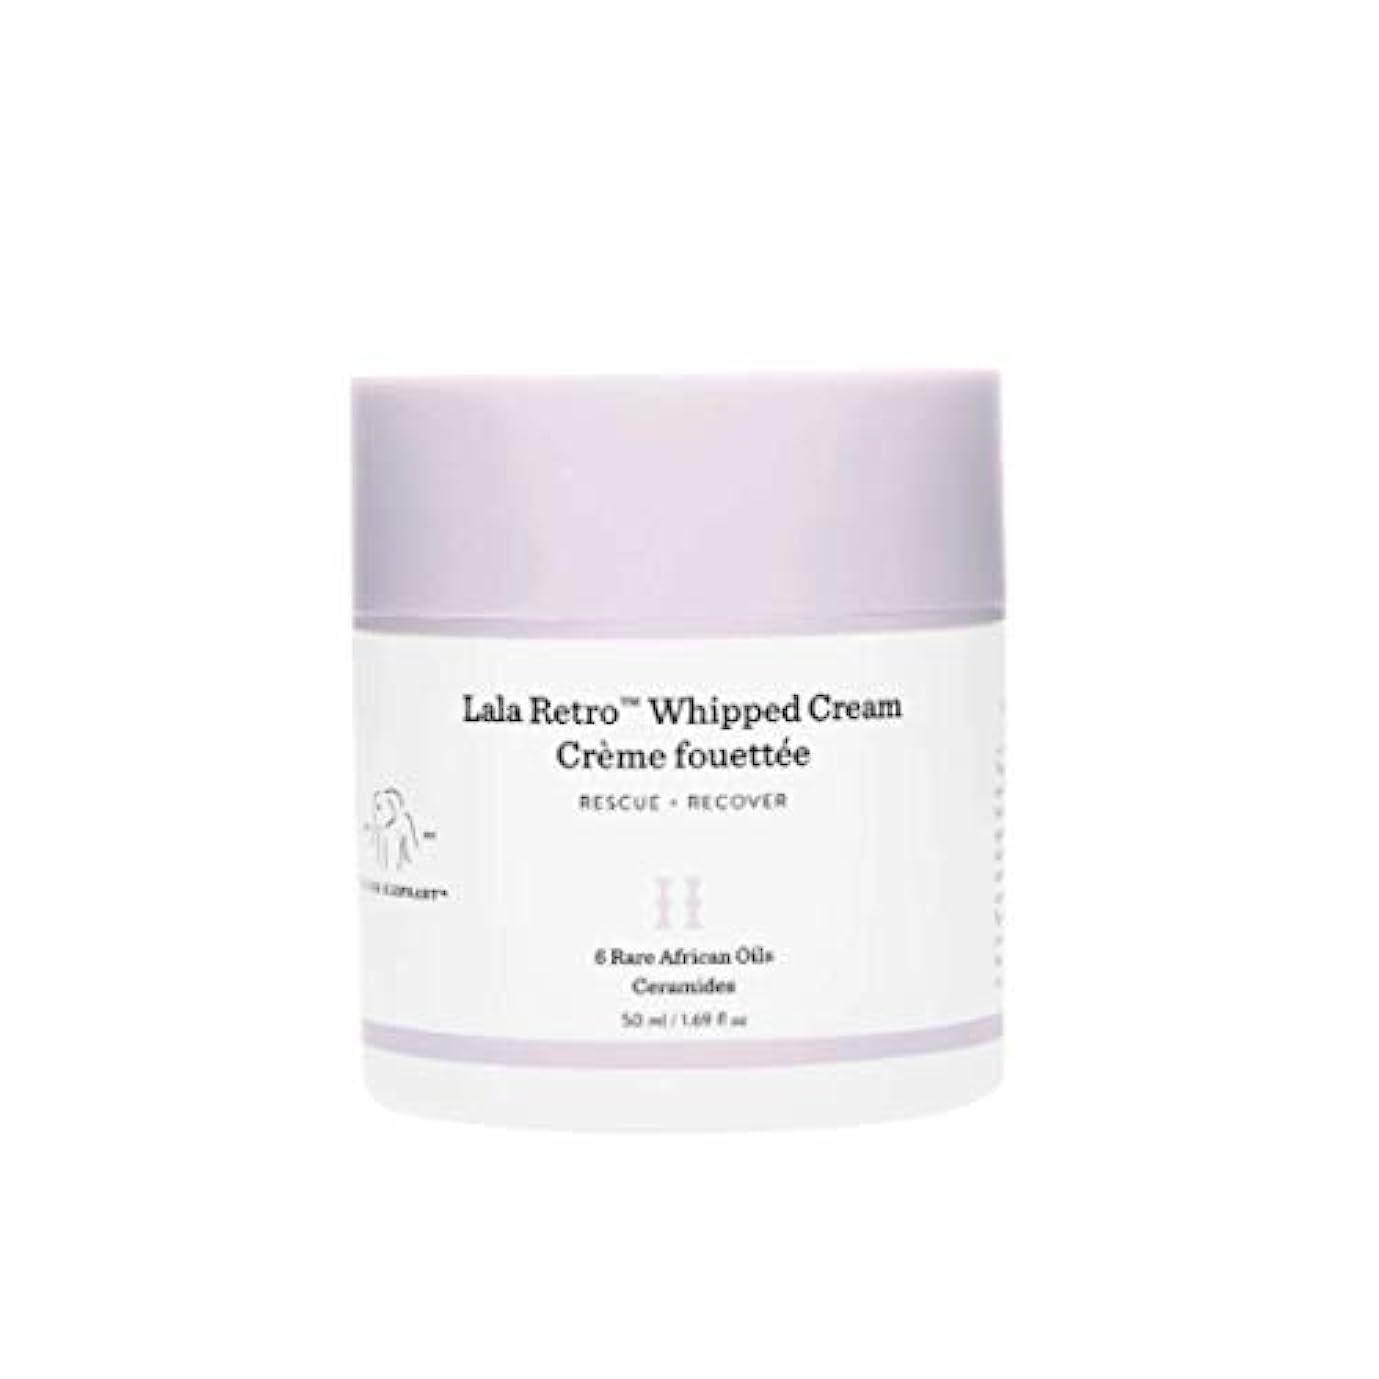 分割再生可能面倒DRUNK ELEPHANT Lala Retro Whipped Cream 1.69 oz/ 50 ml ドランクエレファント ララレトロ ホイップドクリーム 1.69 oz/ 50 ml